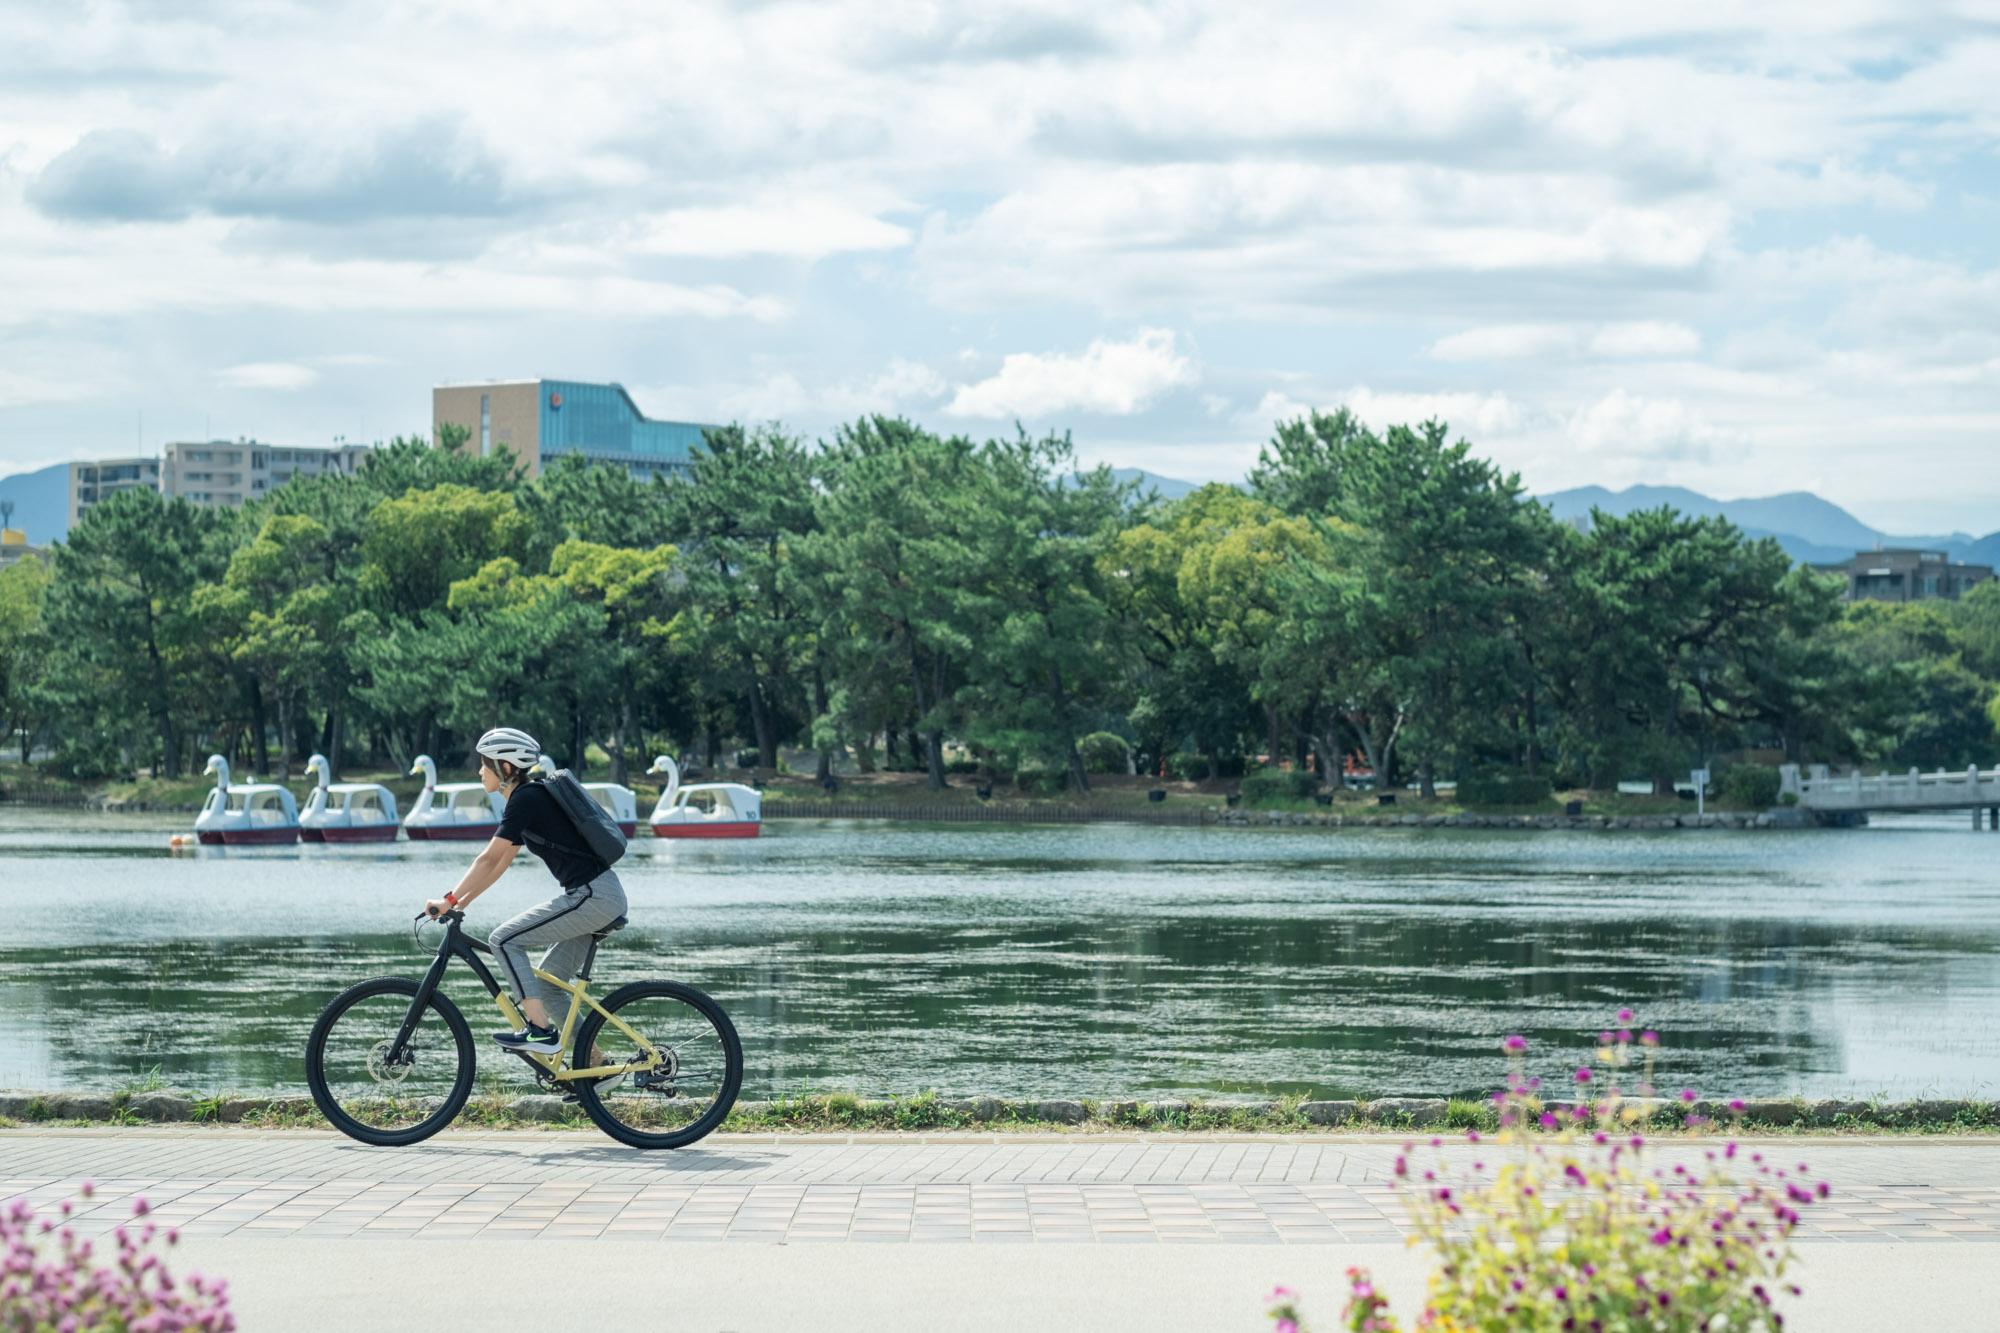 福岡で休日をゆっくり過ごすなら、「大濠公園」へ。 自転車でめぐるおしゃれスポットをまとめました